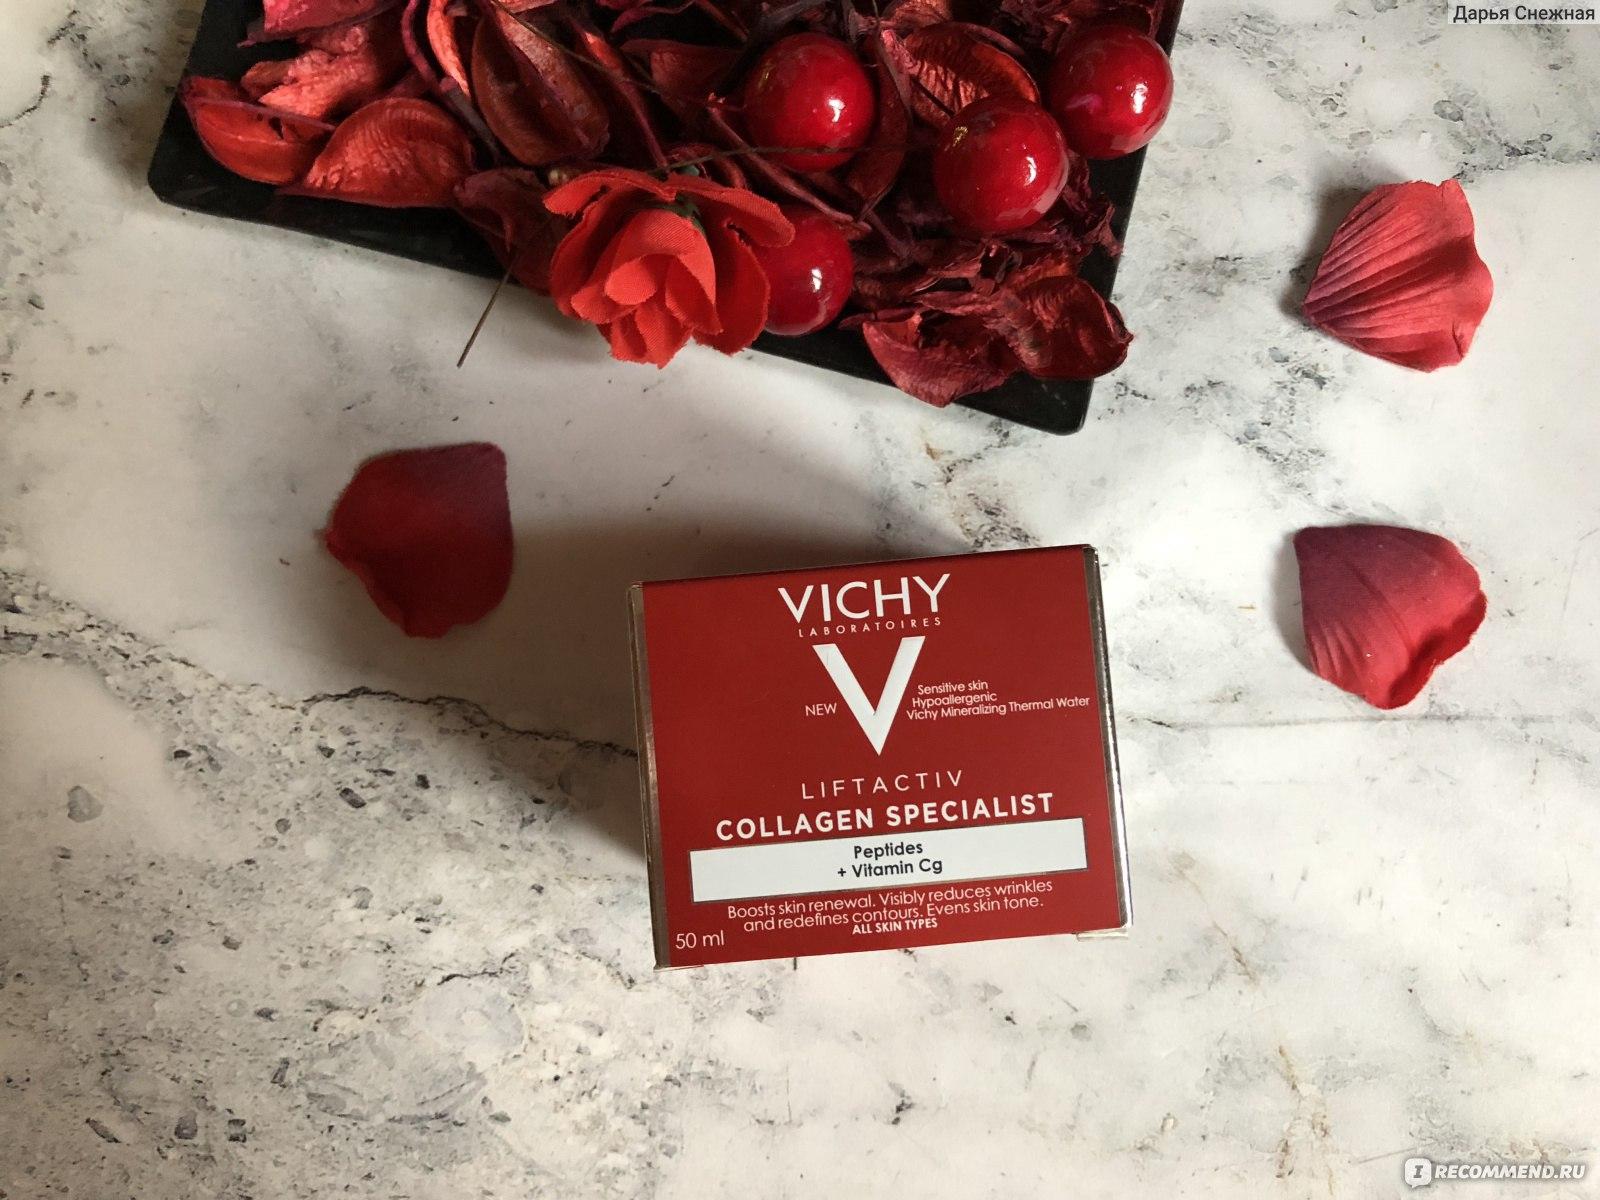 Крем для лица Vichy Liftactiv Collagen Specialist - «Крем, который поможет  сохранить молодость кожи, омолодить уже не молодую и поднять настроение!» |  Отзывы покупателей